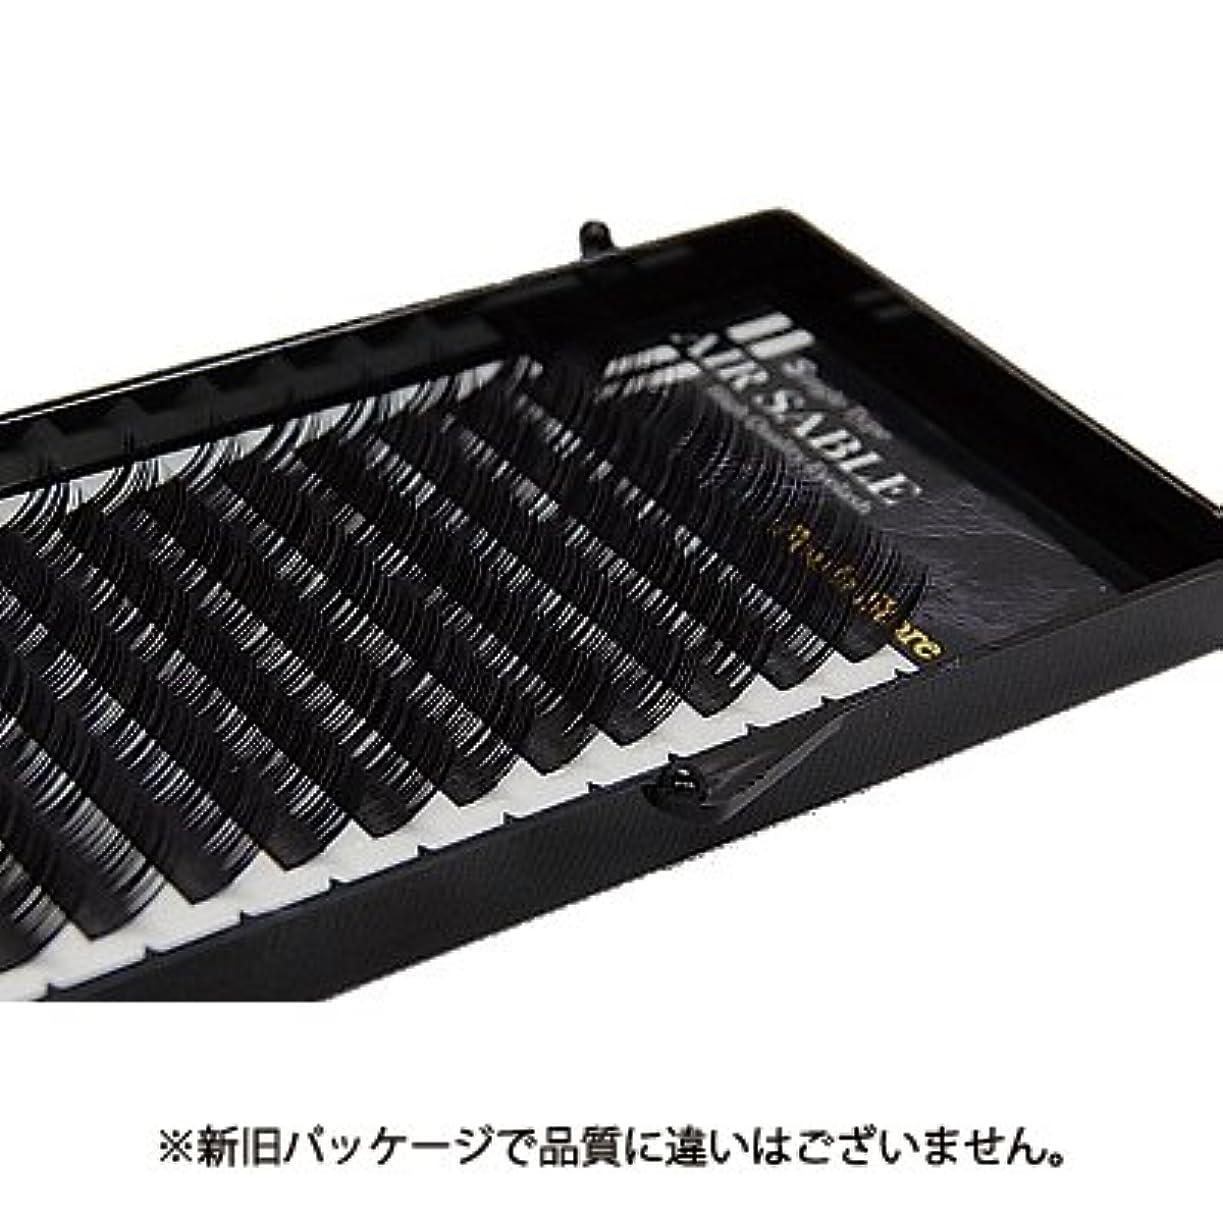 引き金累計引っ張る【フーラ】エアーセーブル シート 12列 Dカール 12mm×0.15mm